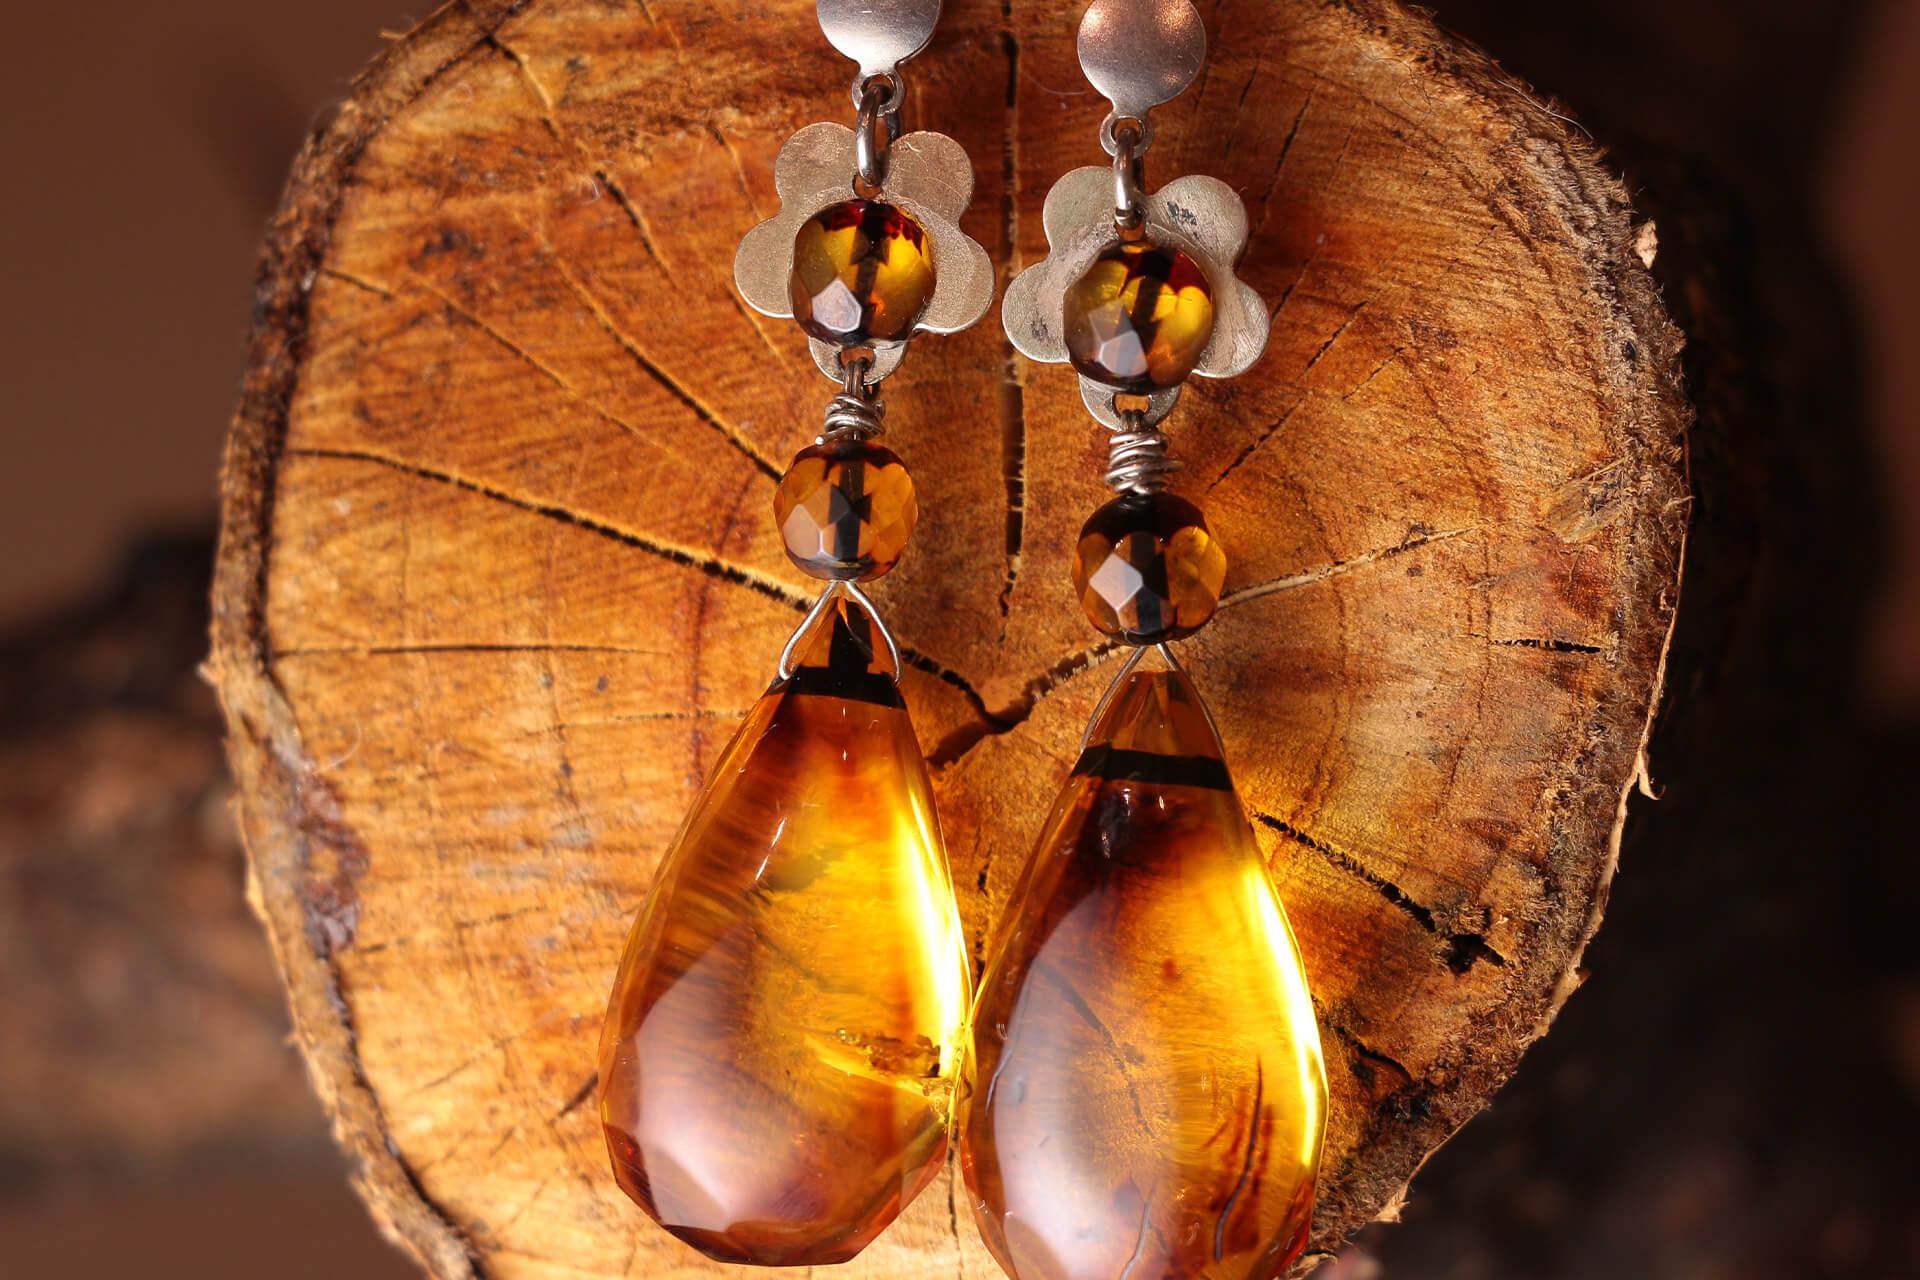 A pair of amber earrings